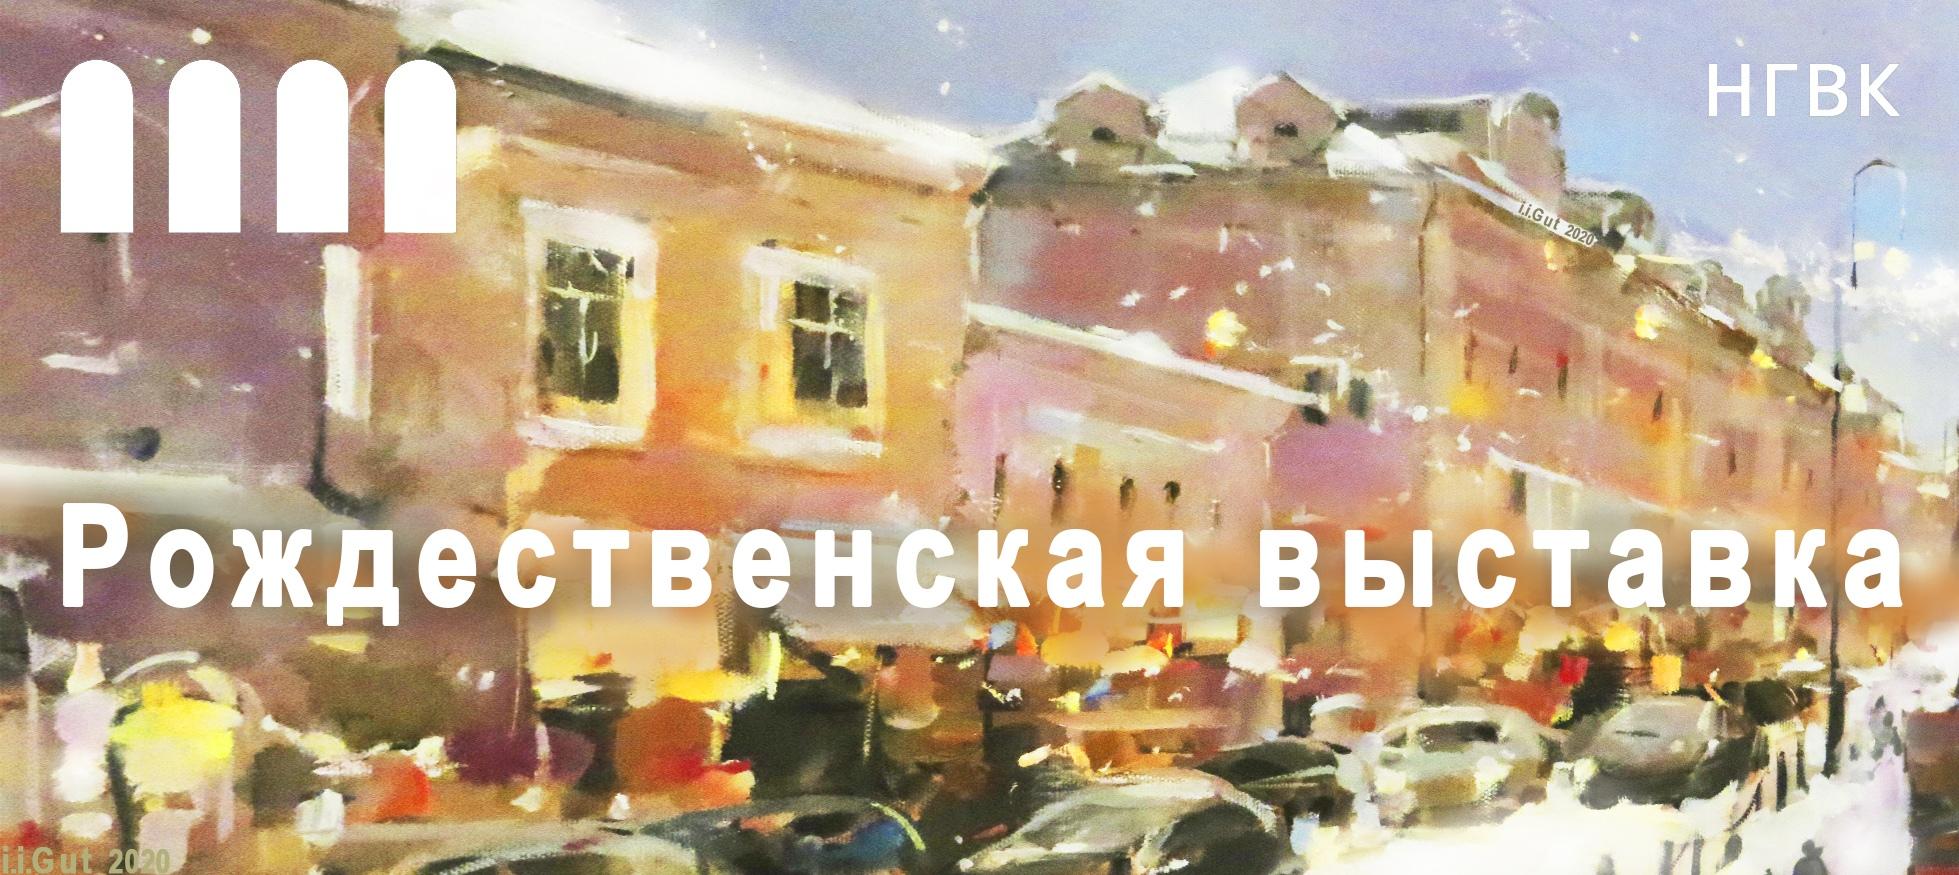 В Нижегородском выставочном комплексе открылась традиционная «Рождественская выставка»